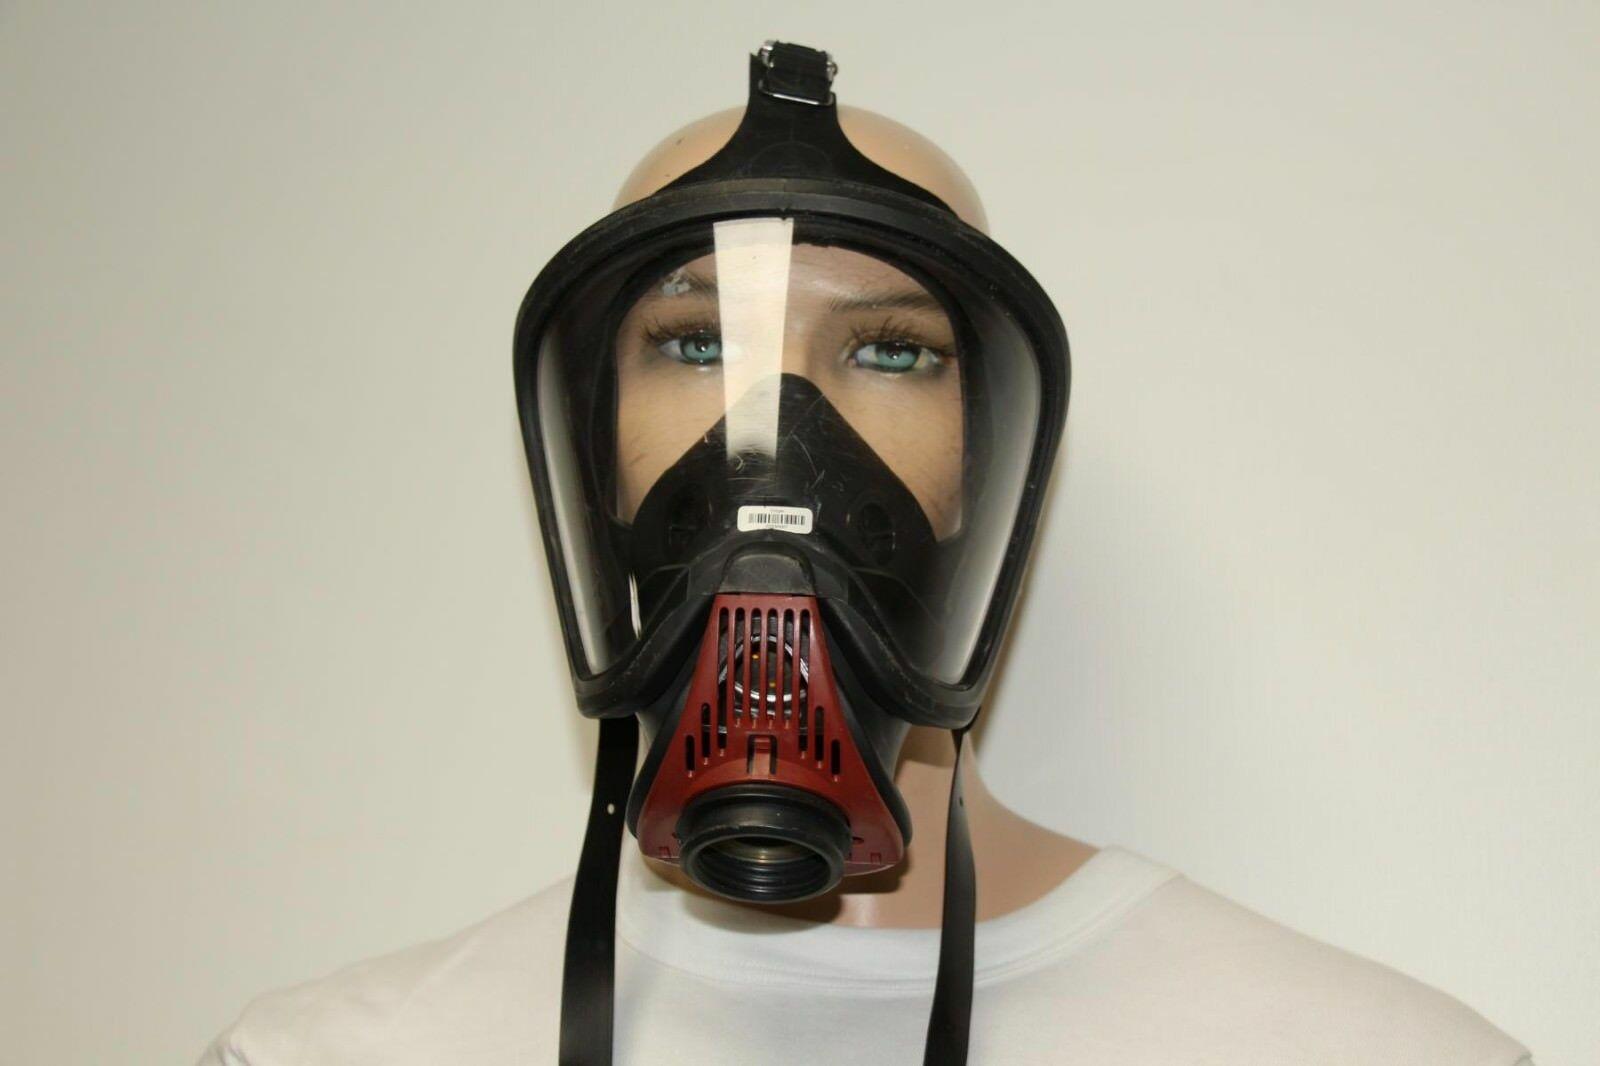 Auer-MSA-Ultra-Elite-Atemschutzmaske-Schutzmaske-Uberdruck-Steckanschluss Indexbild 3